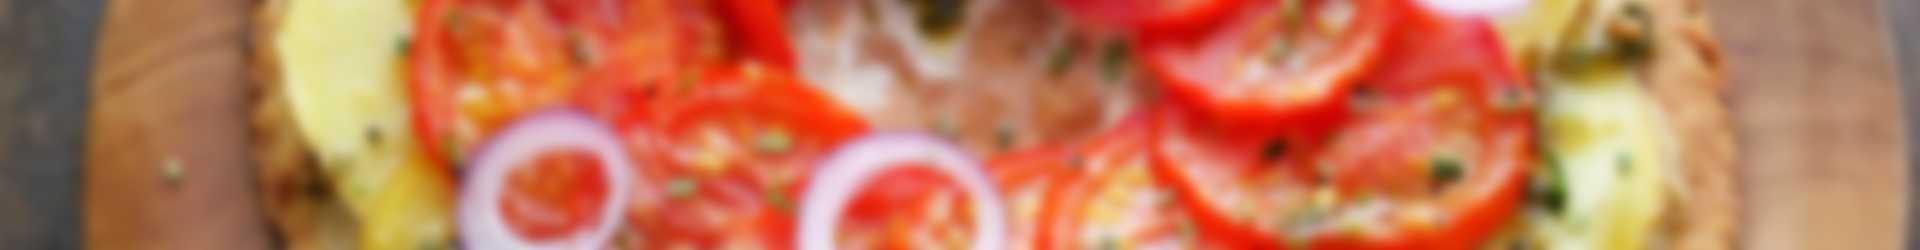 tomaat-platbrood